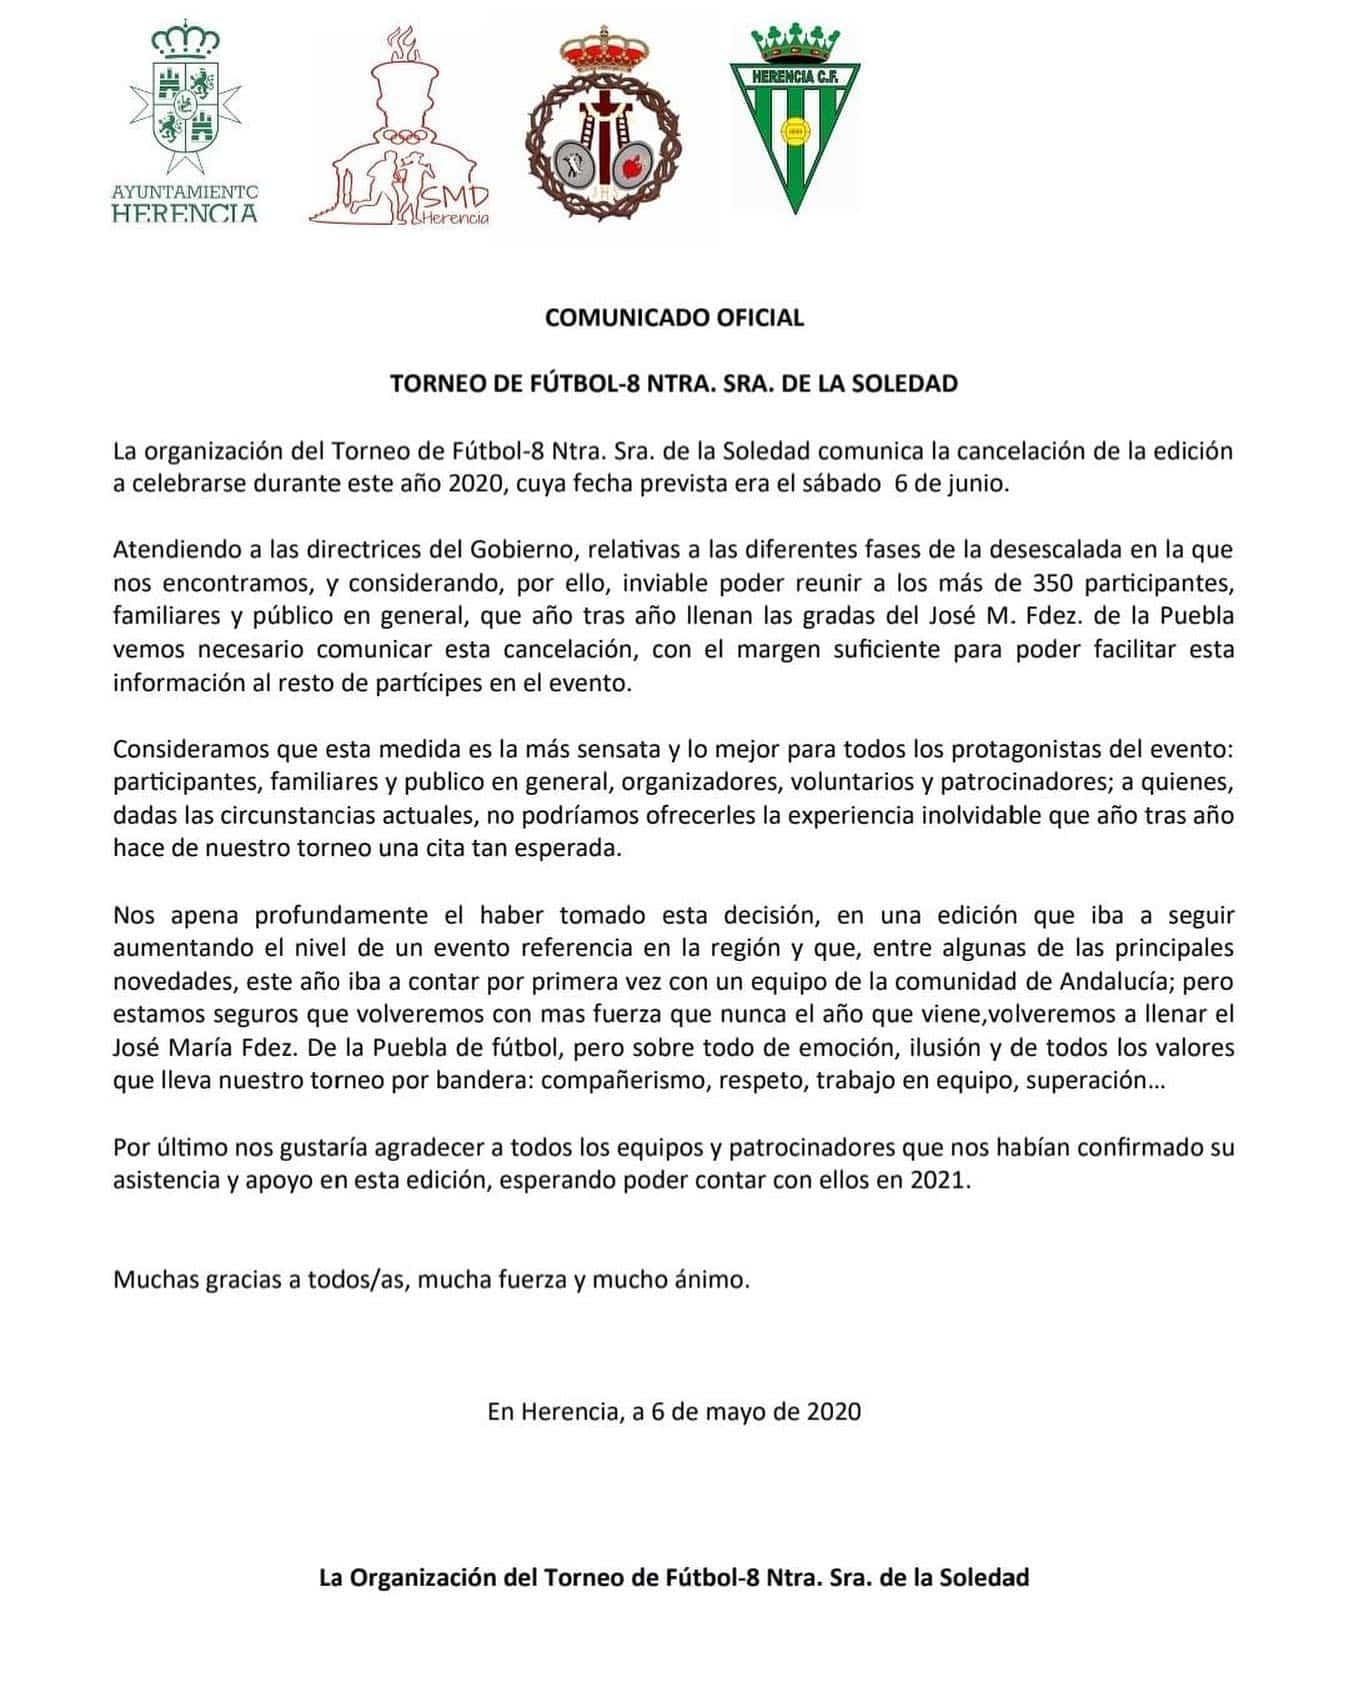 Cancelación del Torneo de fútbol-8 Nuestra Señora de la Soledad en 2020 3